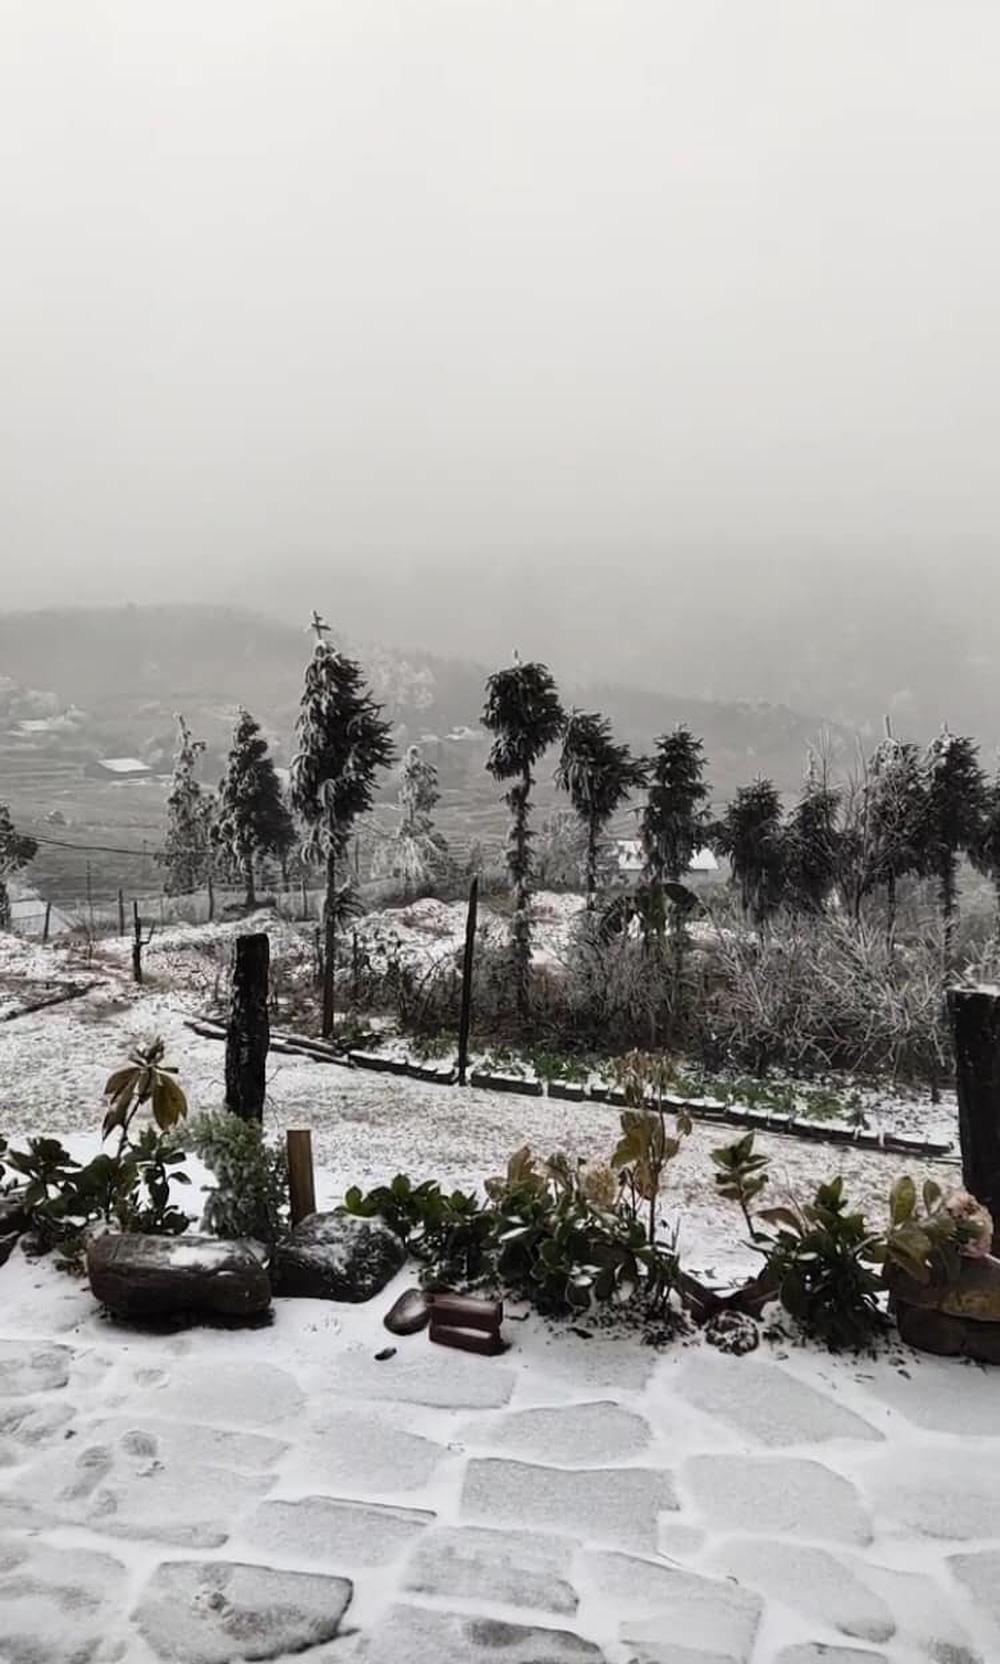 Y Tý tuyết rơi trắng xoá: Ảnh và clip liên tục được chia sẻ lên mạng xã hội - Ảnh 5.